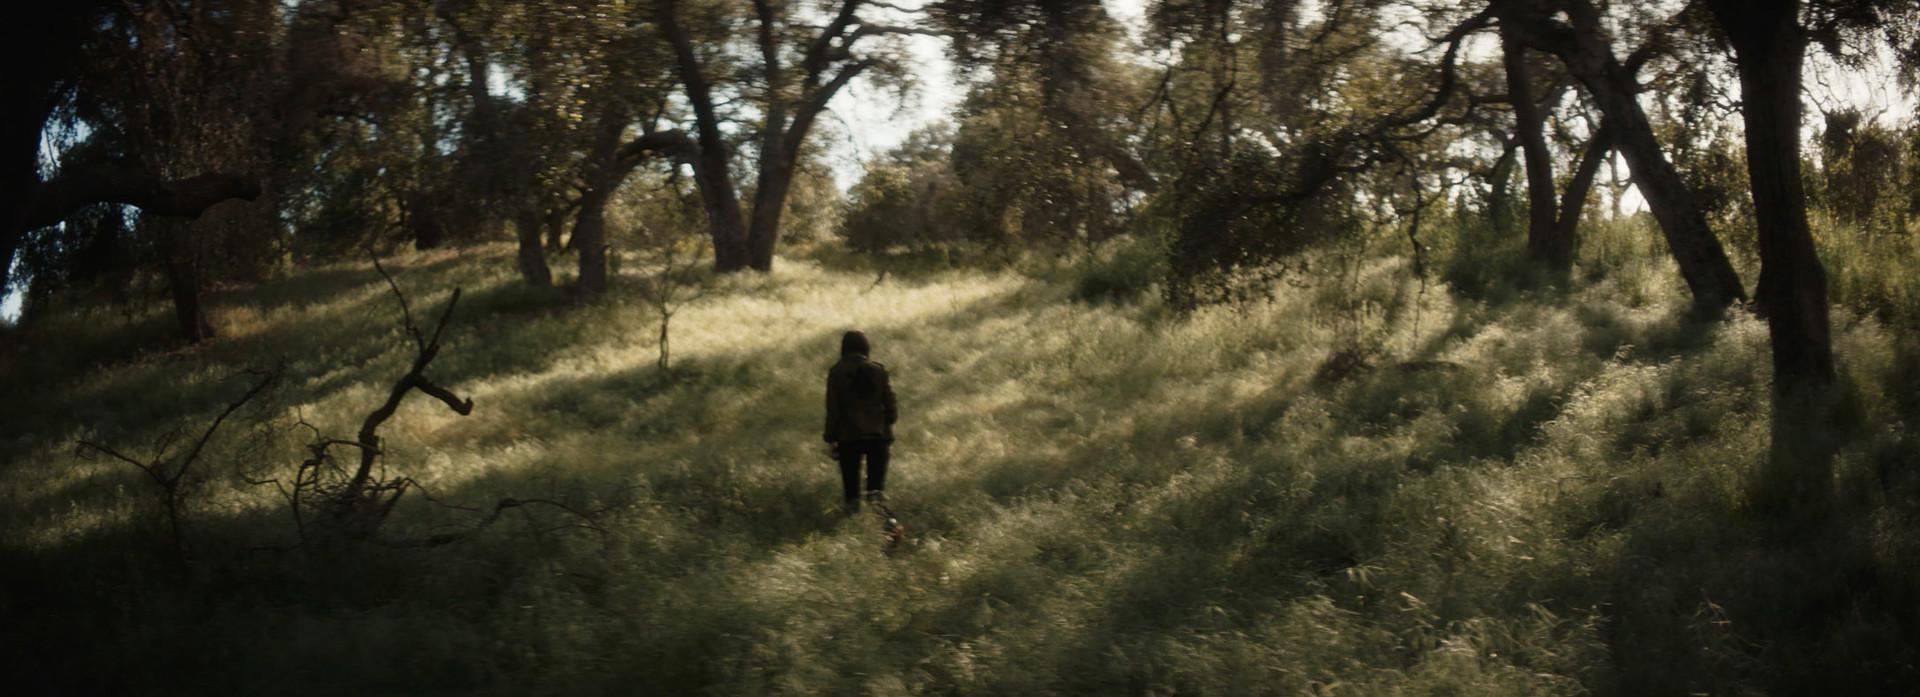 Photo 6 forest_3.jpg